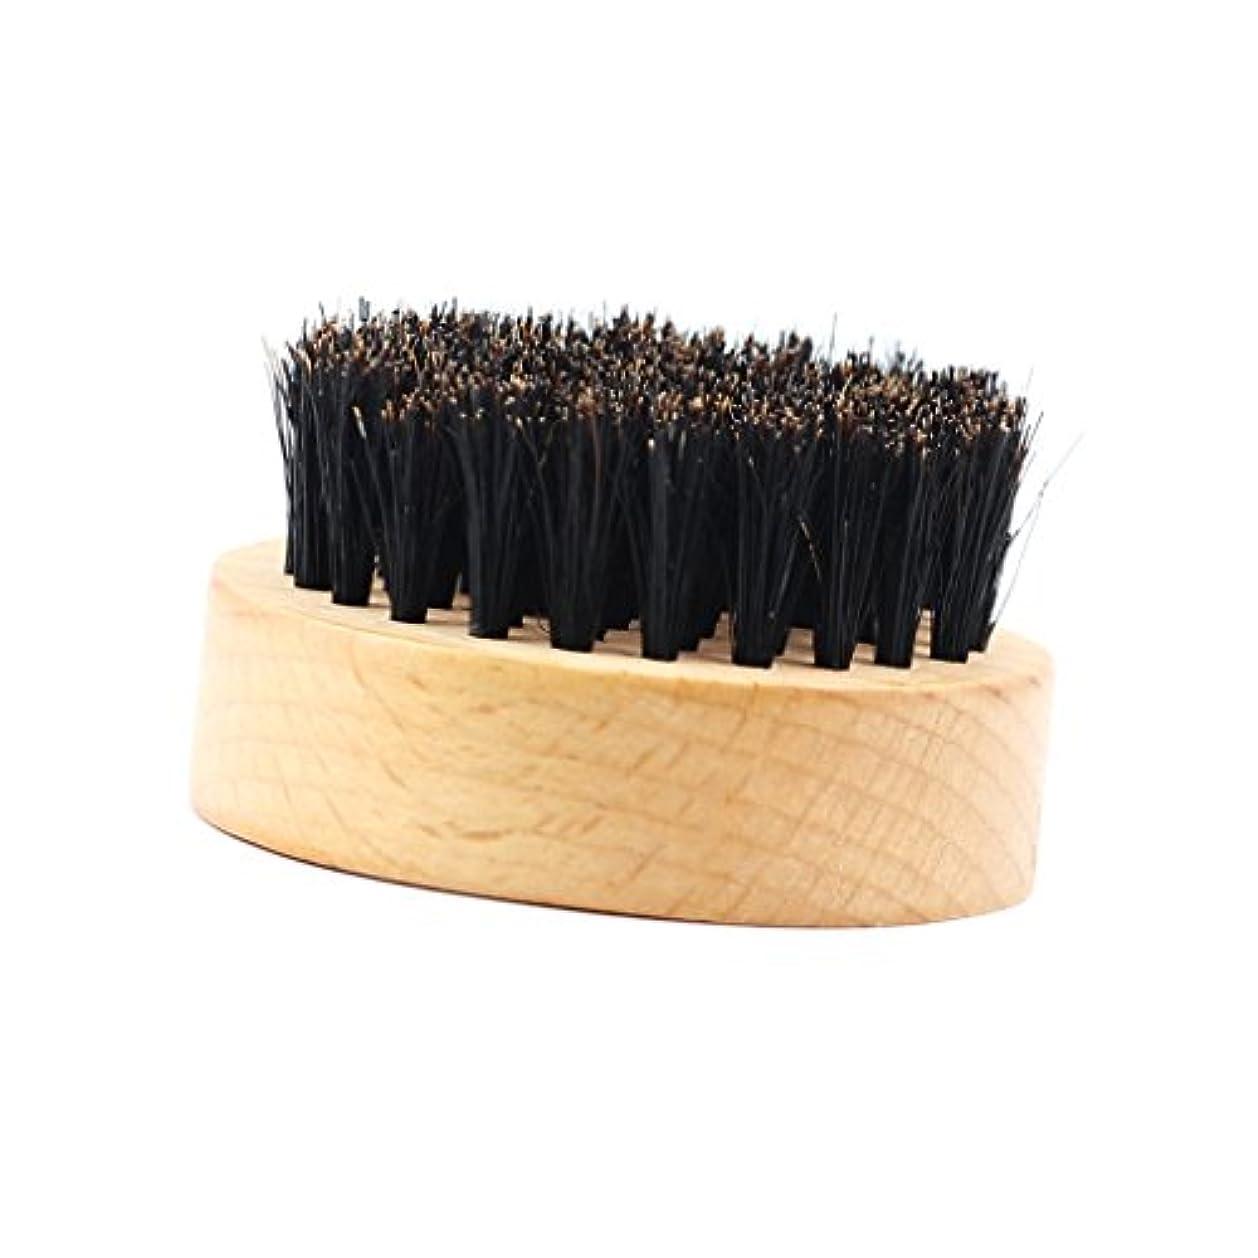 脱獄否認するラップトップひげのブラシおよびオイルのためのひげのブラシの天然木の顔のヘアブラシ - 柔らかくなり、かゆみを調整するのを助けます - #2